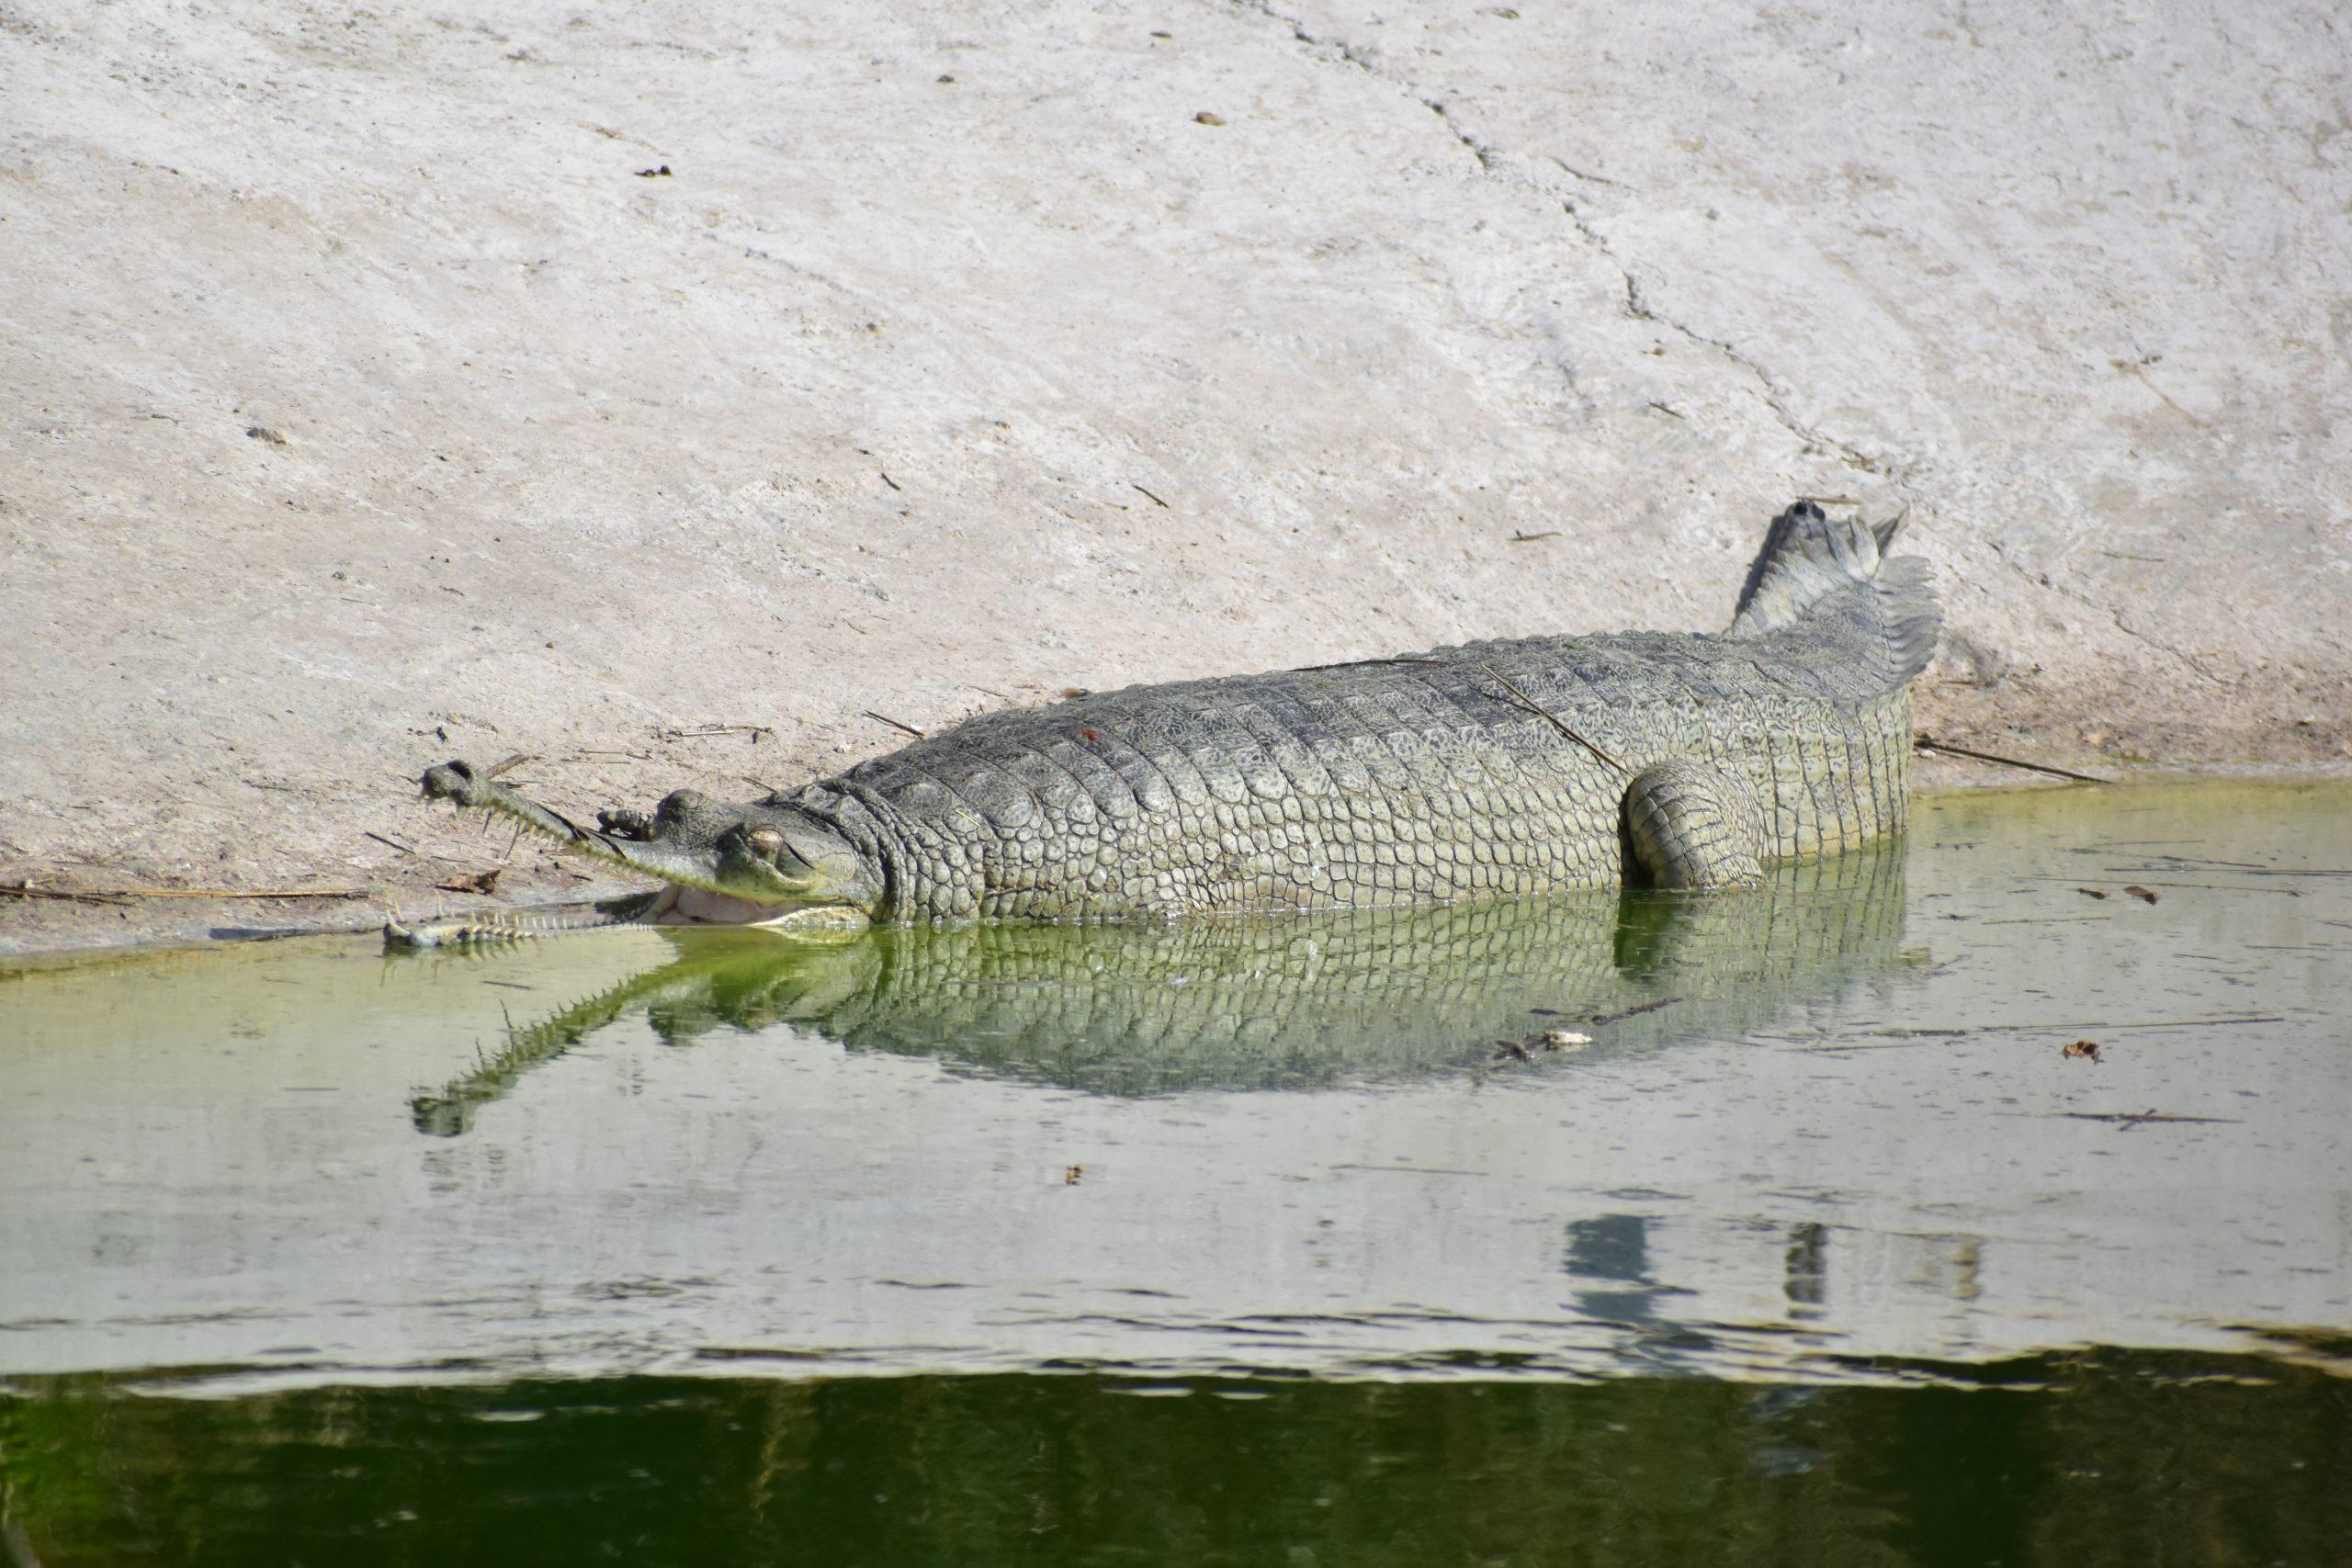 A Gharial in water